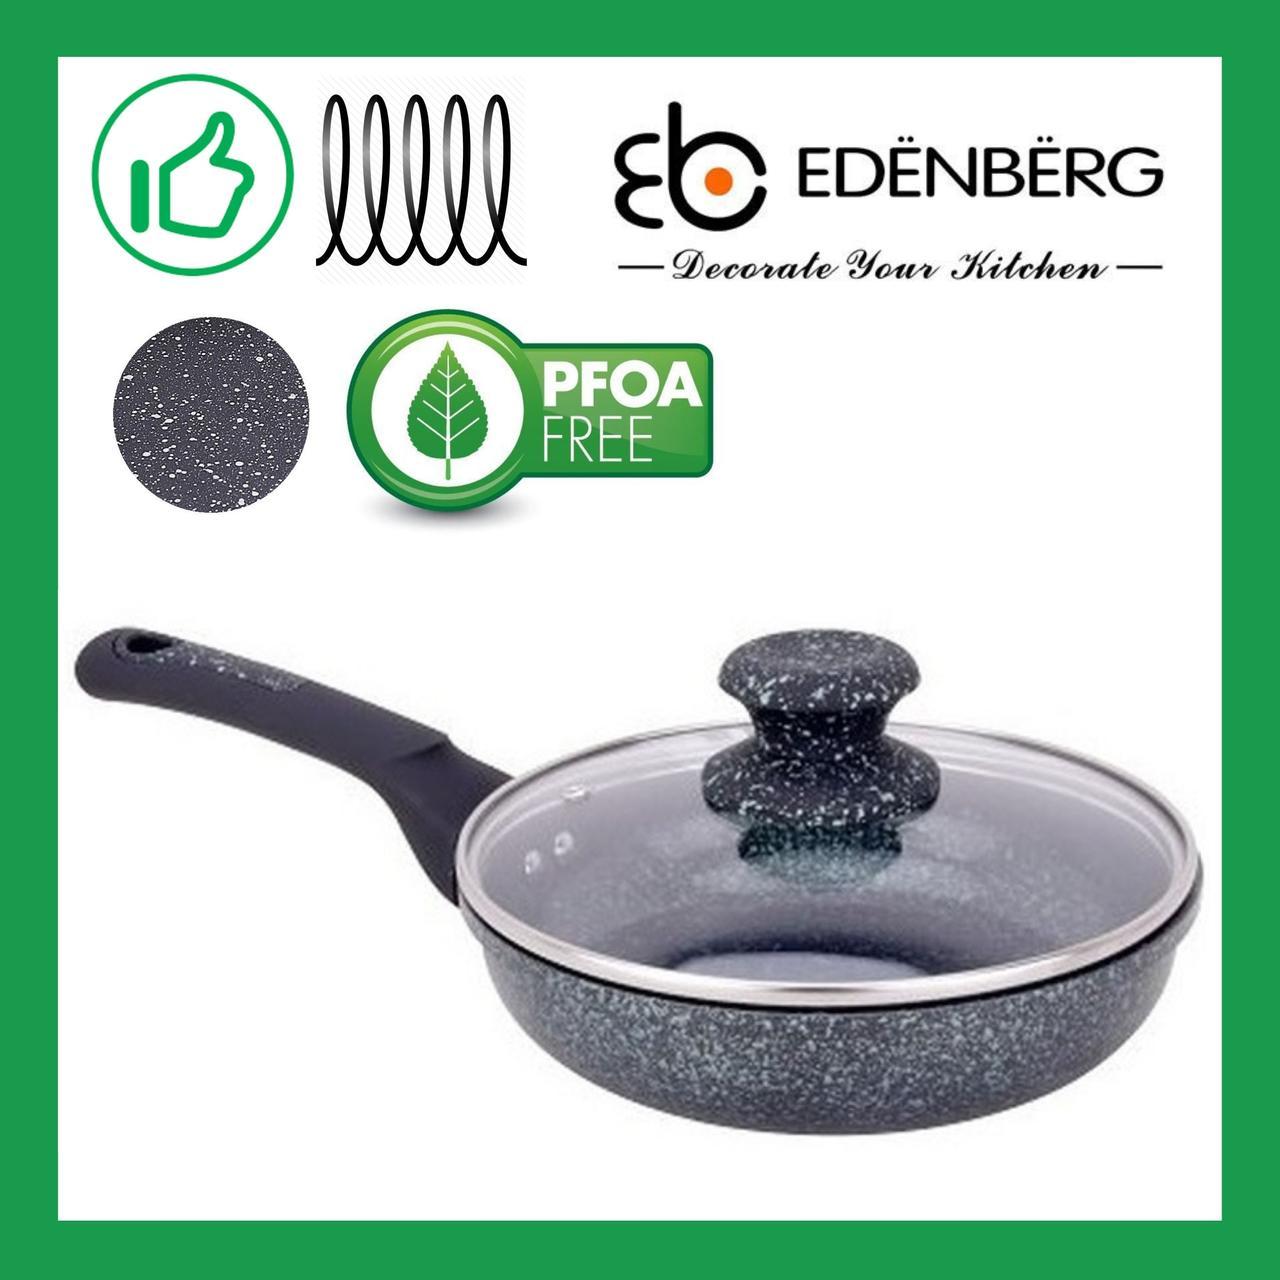 Сковорода Edenberg из литого алюминия с крышкой и мраморным антипригарным покрытием 18 см Зеленый (EB-3413G)